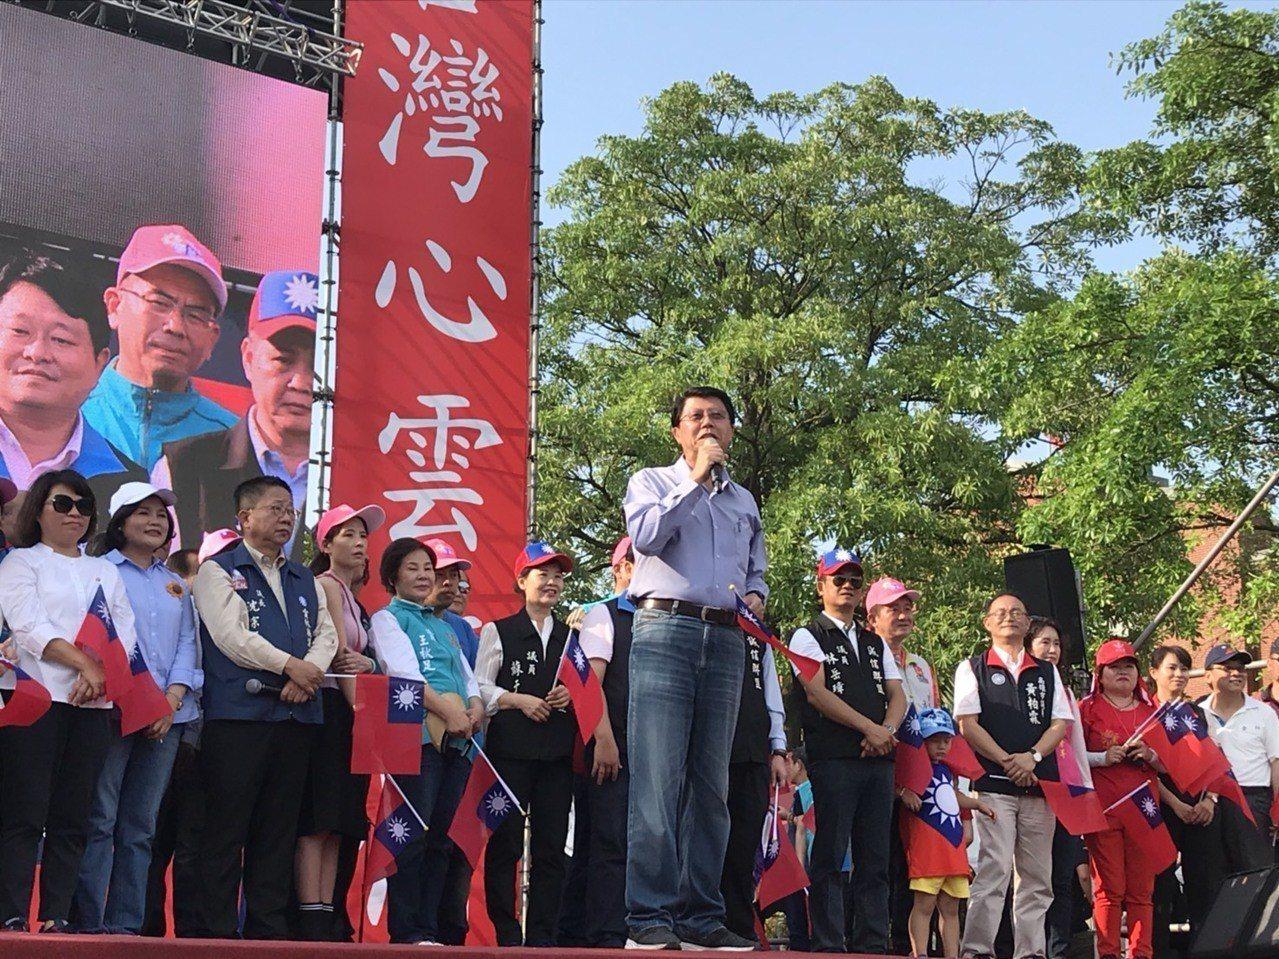 韓國瑜雲林造勢現場,台南市議員謝龍介到場力挺,談起初選越來越艱難,「這場很硬斗」...